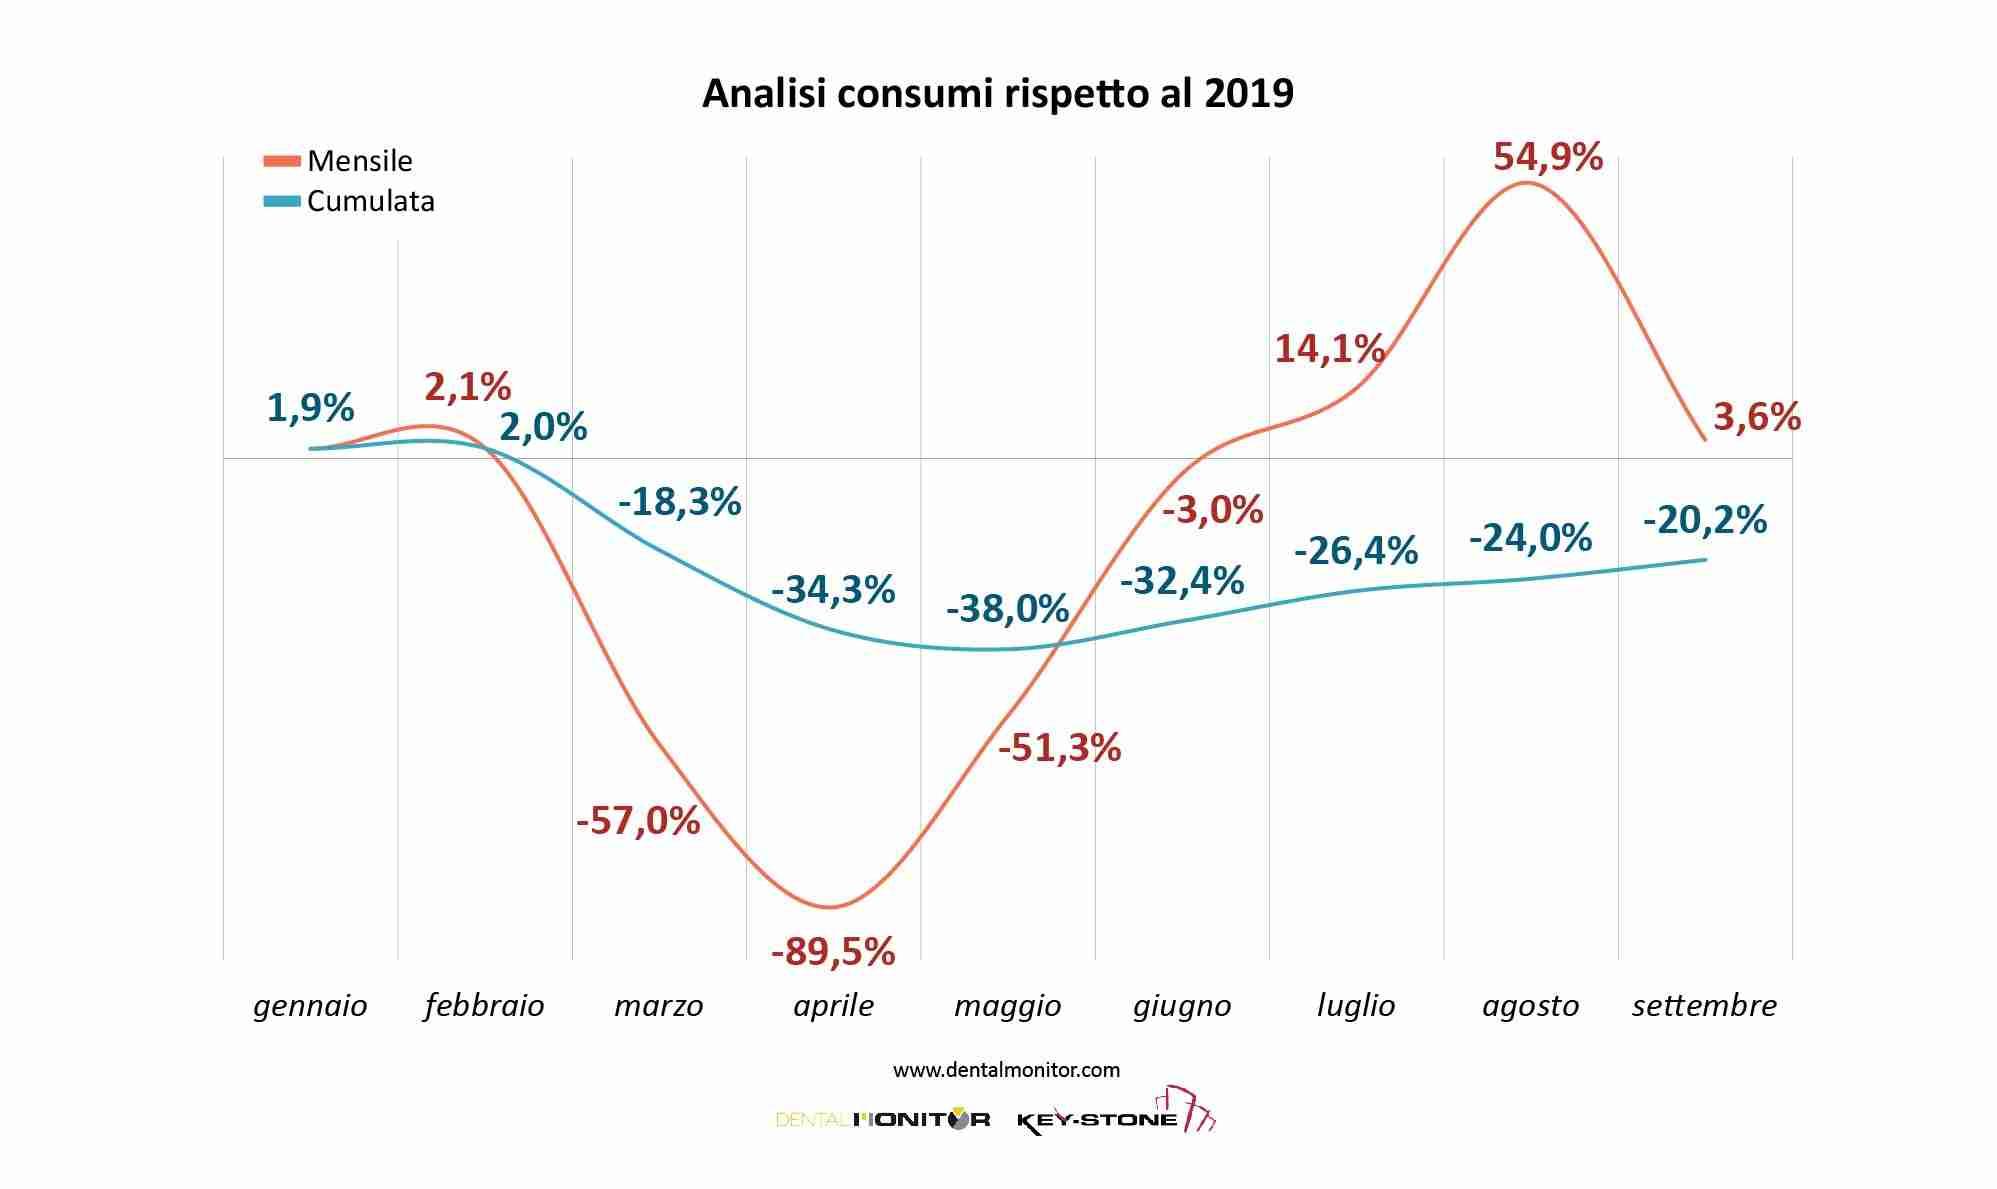 Analisi consumi rispetto al 2019